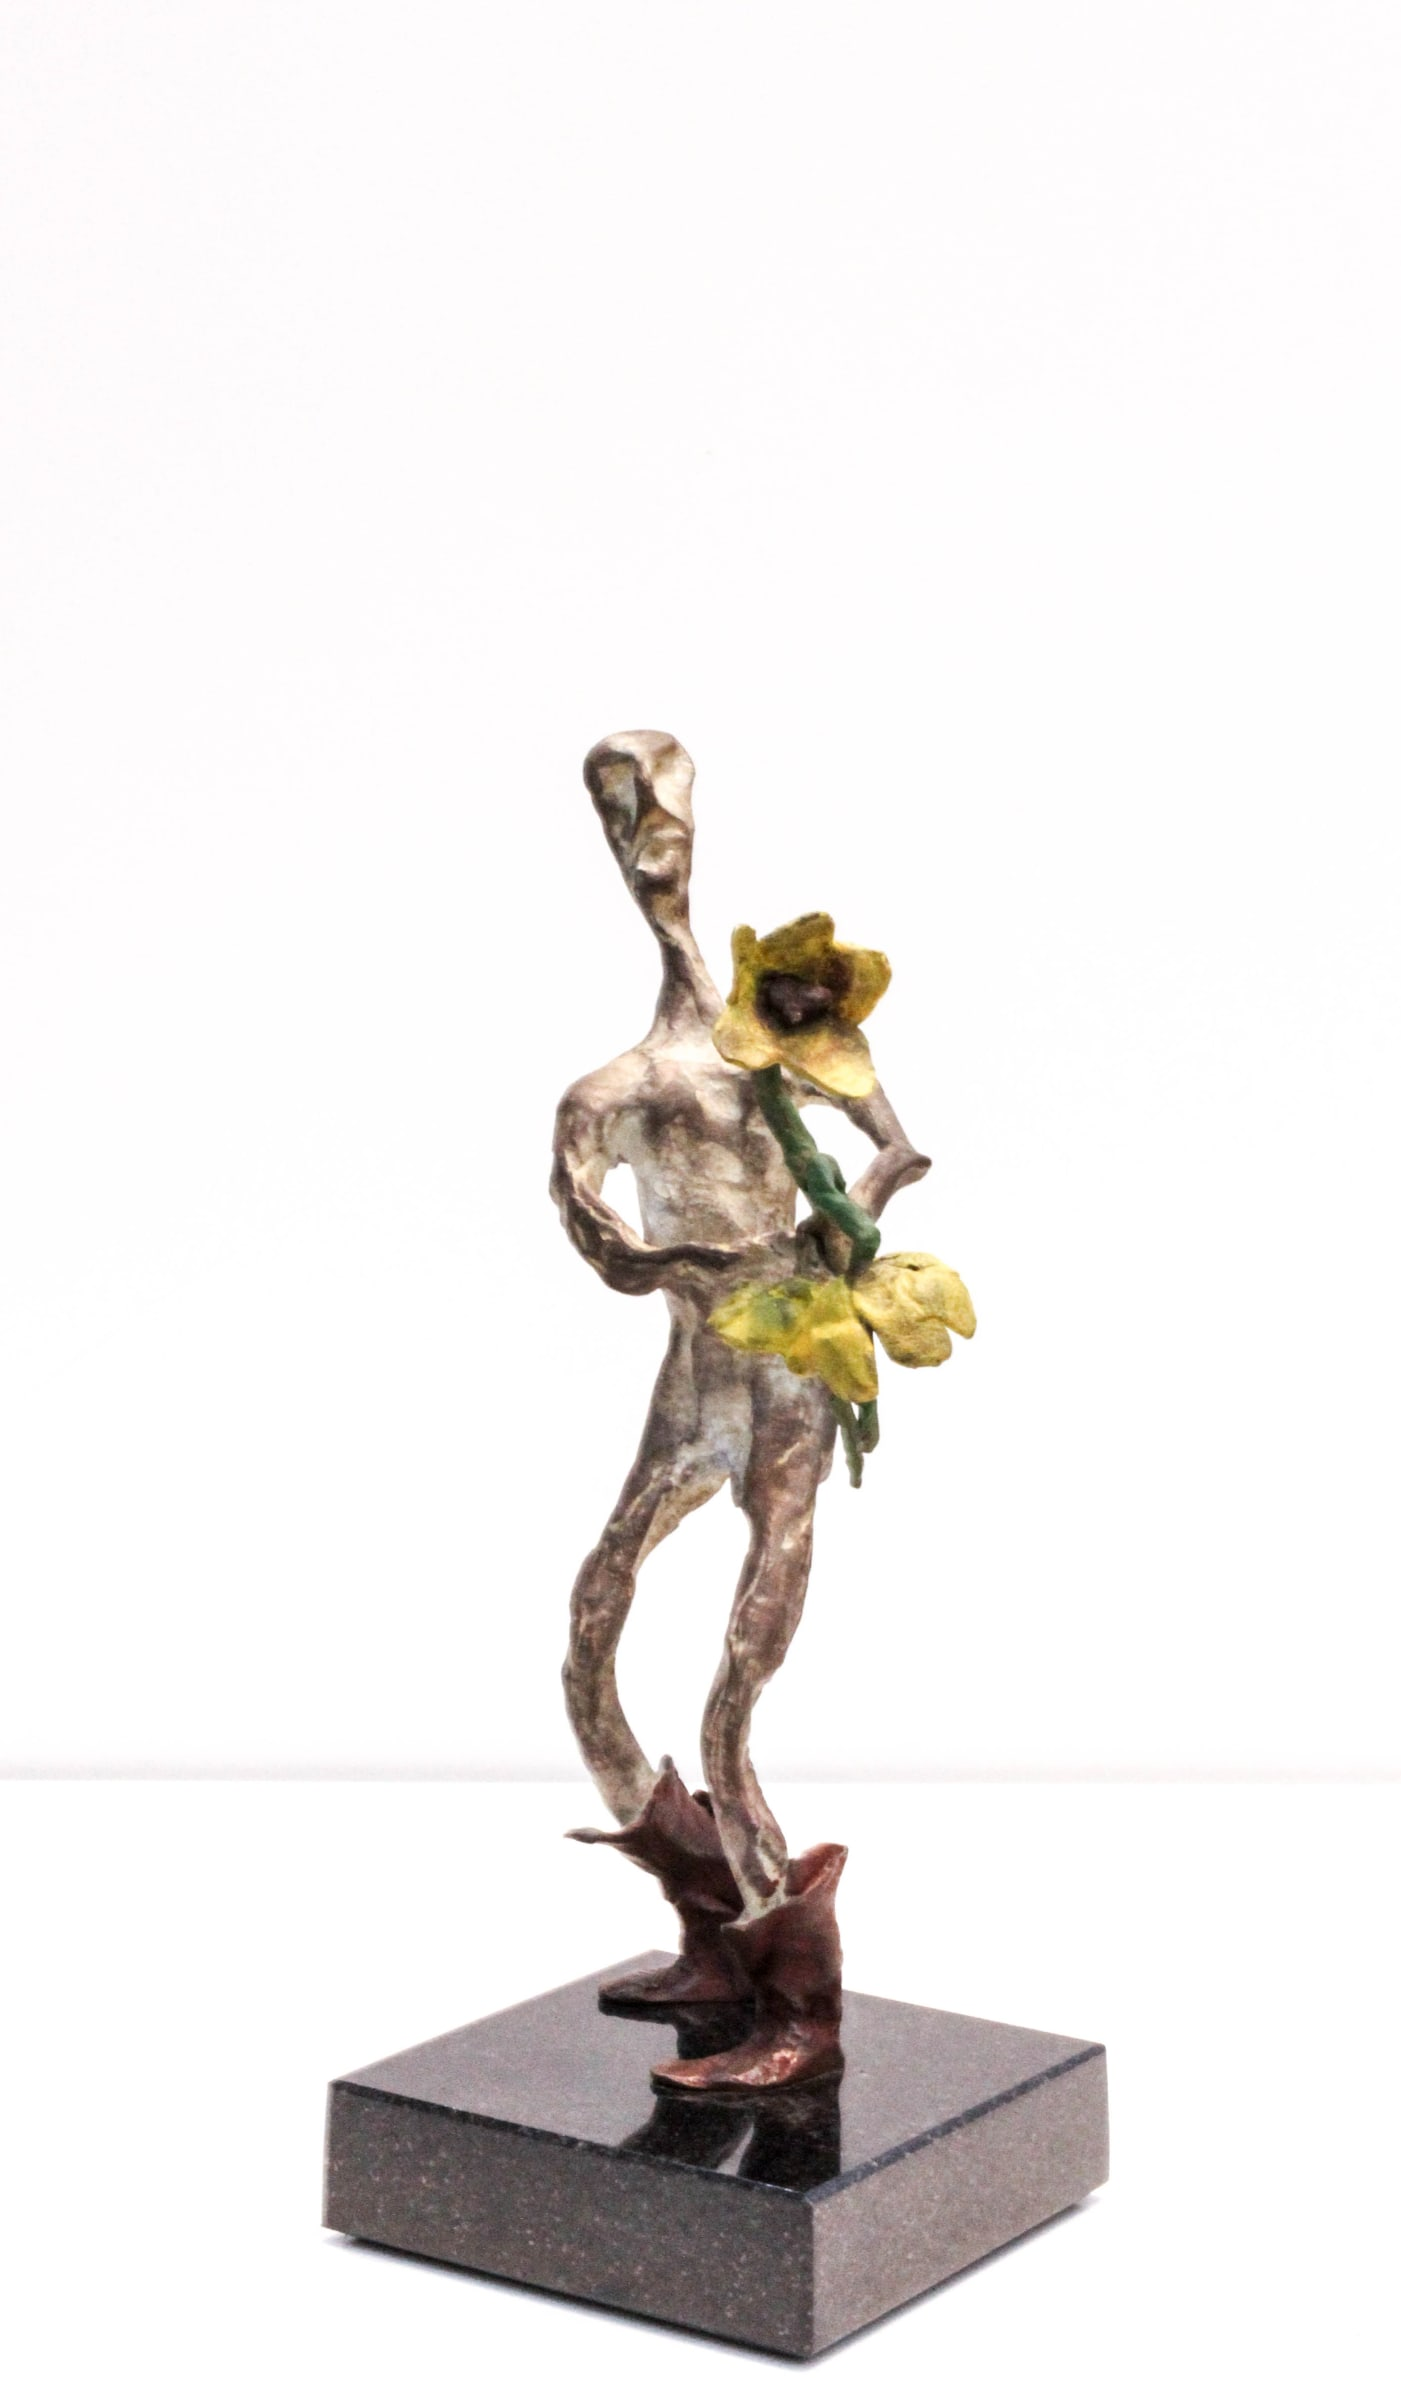 <span class=&#34;link fancybox-details-link&#34;><a href=&#34;/artists/82-jaco-kruger/works/1549-jaco-kruger-stolen-flowers-mini/&#34;>View Detail Page</a></span><div class=&#34;artist&#34;><strong>Jaco Kruger</strong></div> <div class=&#34;title&#34;><em>Stolen Flowers (Mini)</em></div> <div class=&#34;medium&#34;>Bronze Sculpture</div> <div class=&#34;dimensions&#34;>11.5cm x 26cm x 10</div> <div class=&#34;edition_details&#34;>2/8</div><div class=&#34;price&#34;>R7,600.00</div>